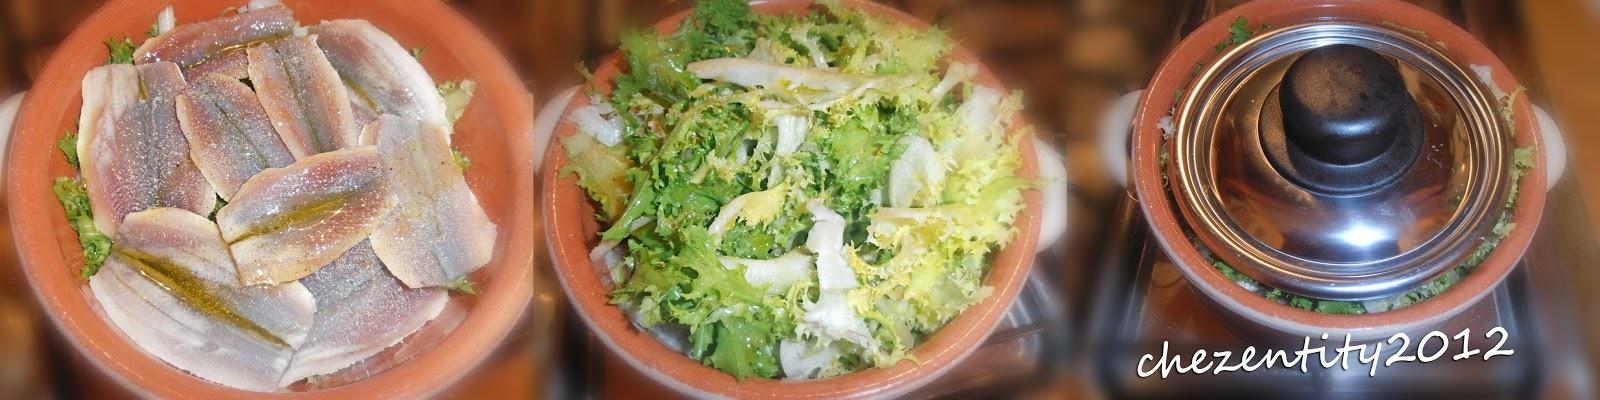 Liberaliperisraele il cannocchiale blog for Cucina giudaico romanesca